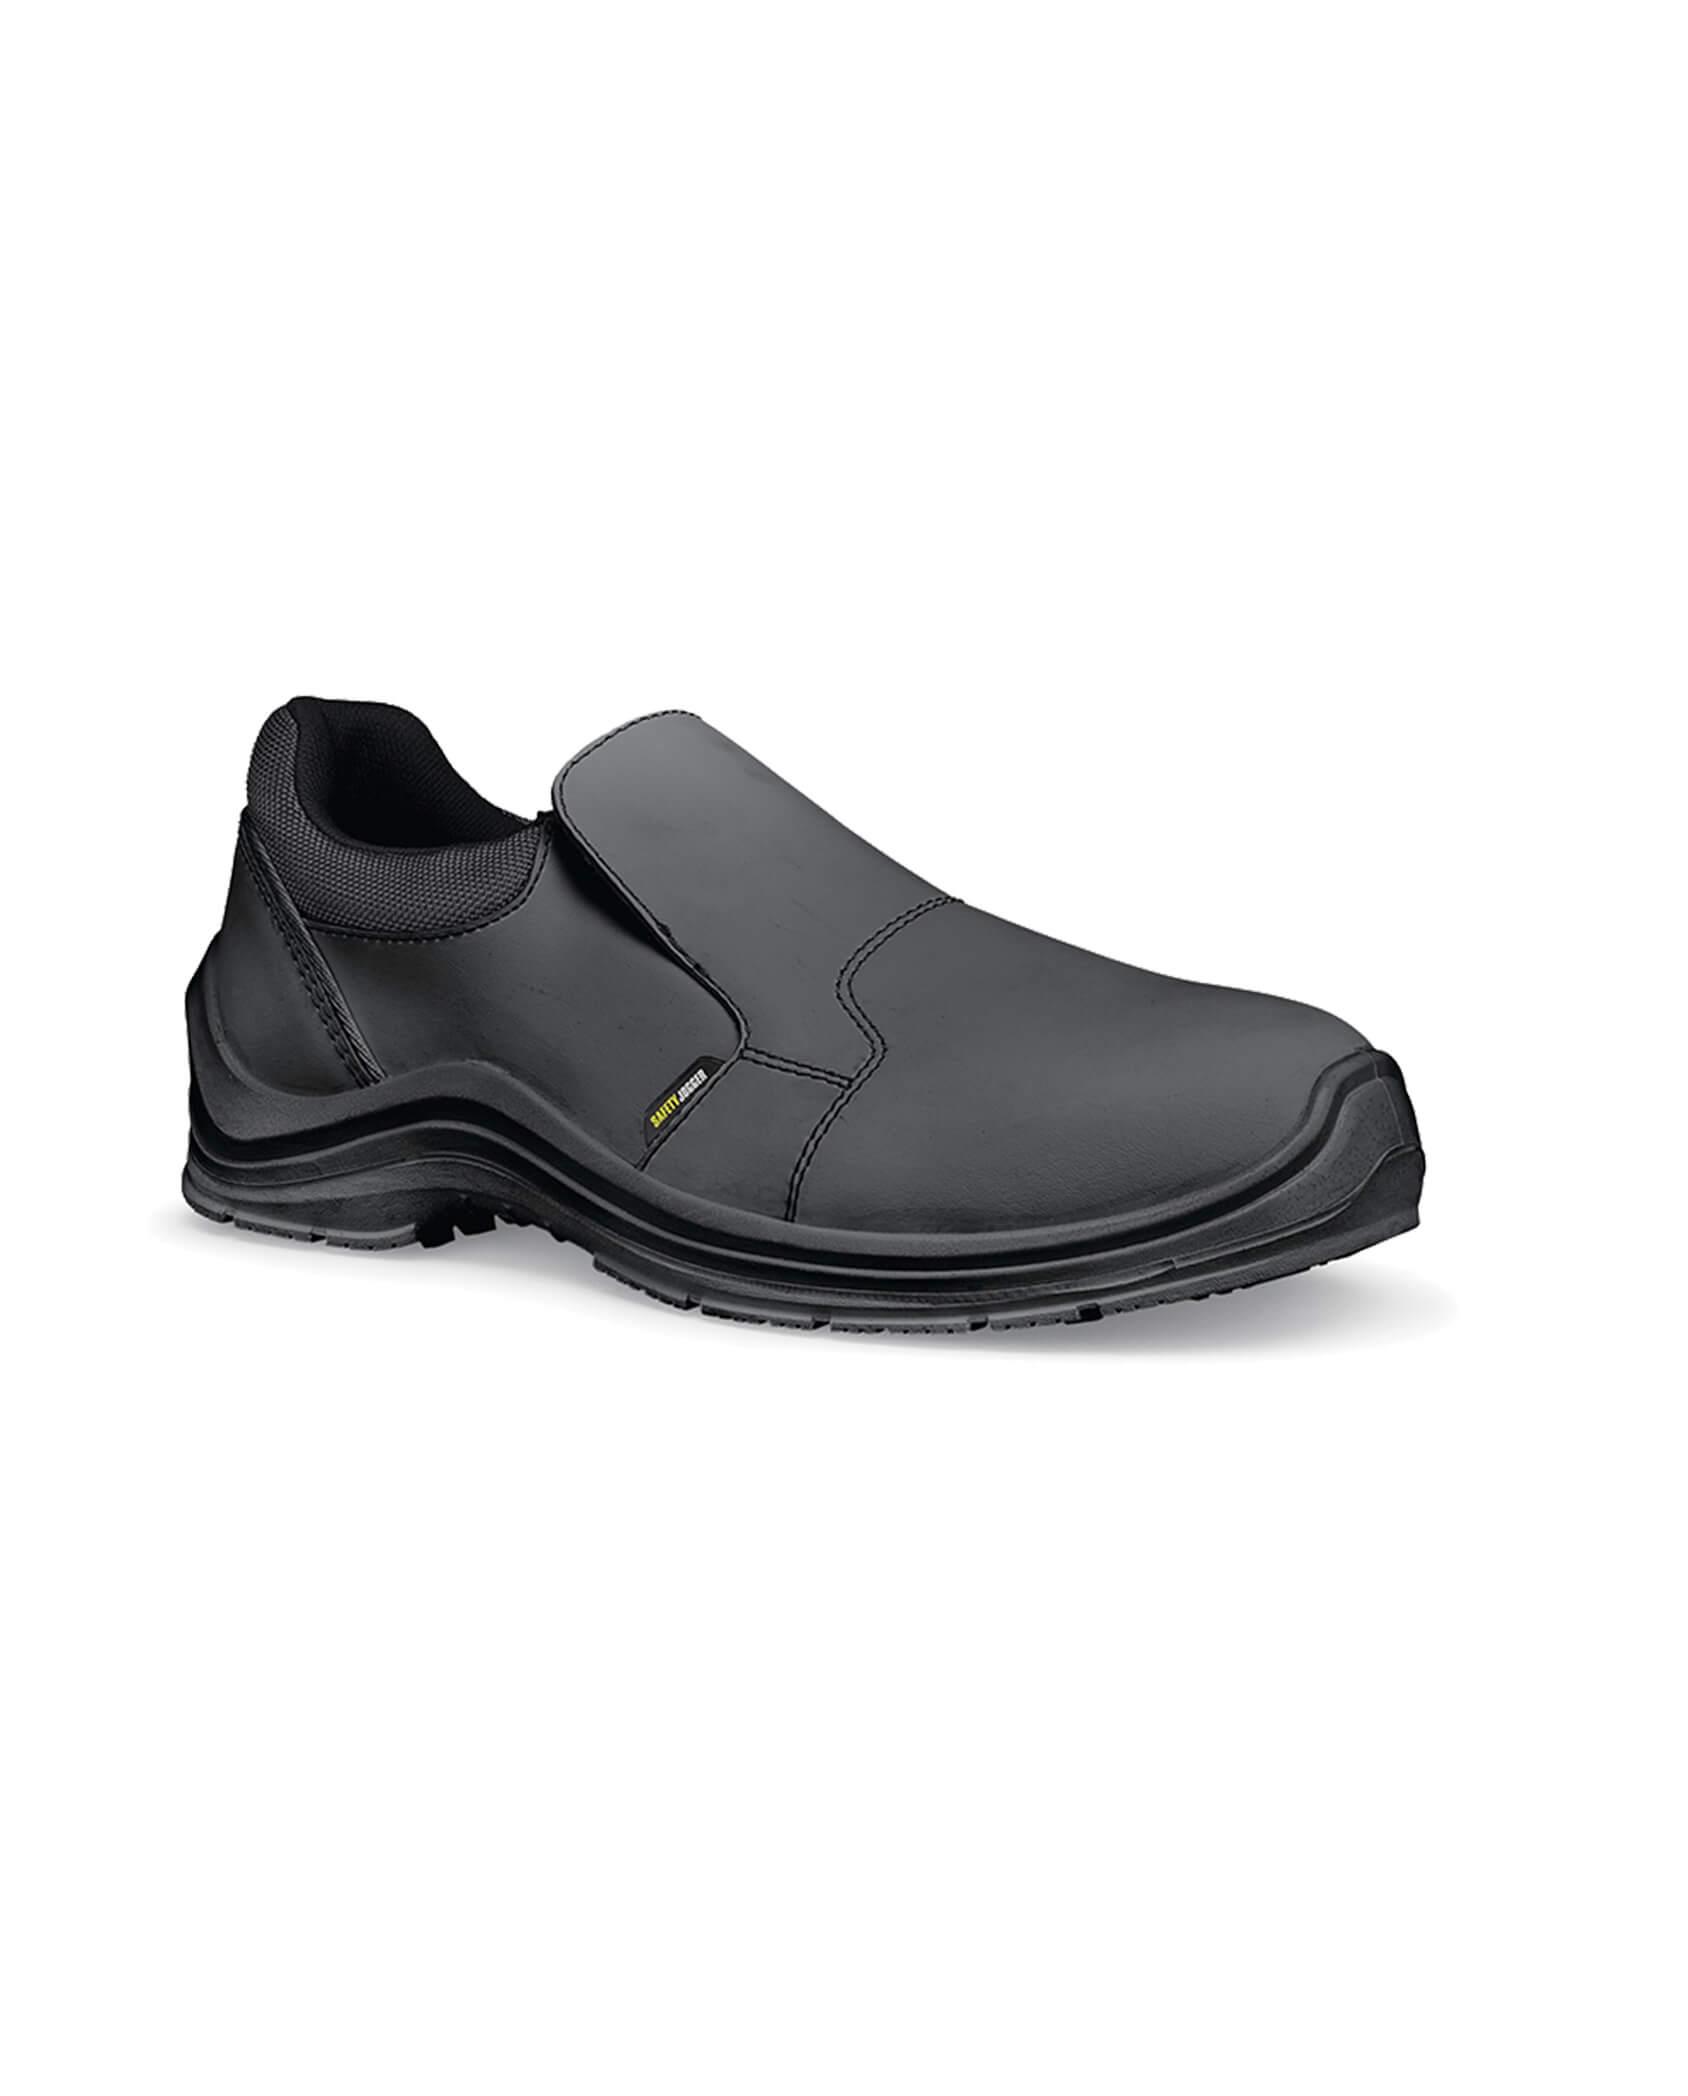 Chaussures de Cuisine Dolce S3 Noir